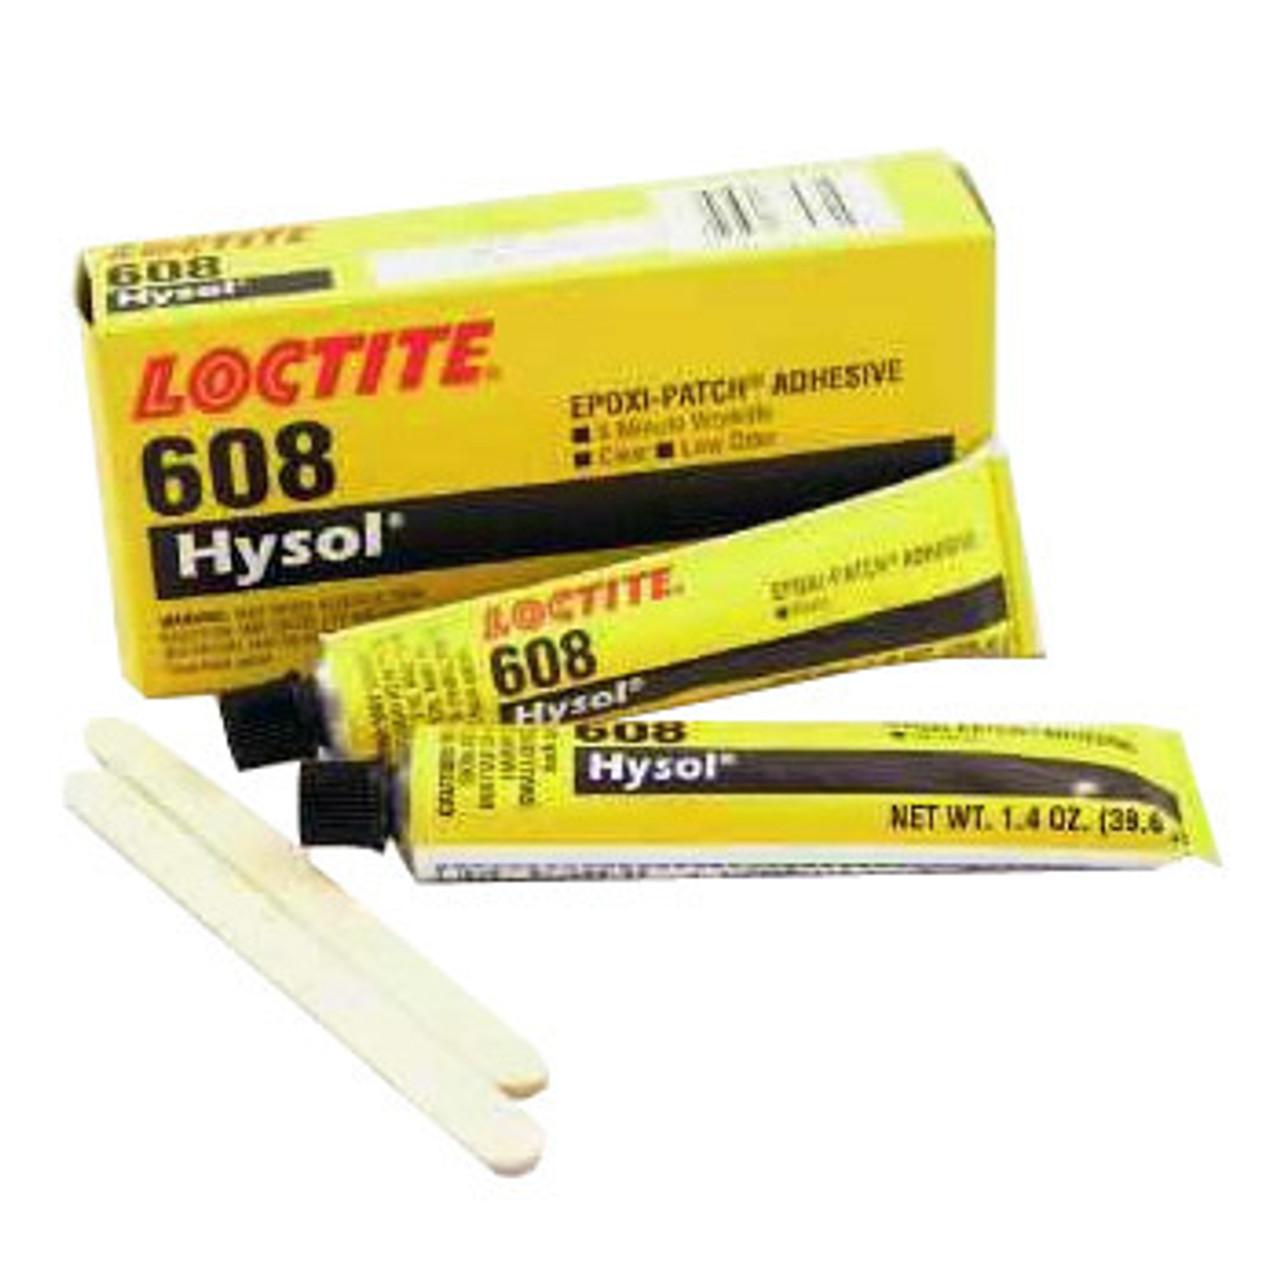 Loctite® 608 Hysol Epoxy